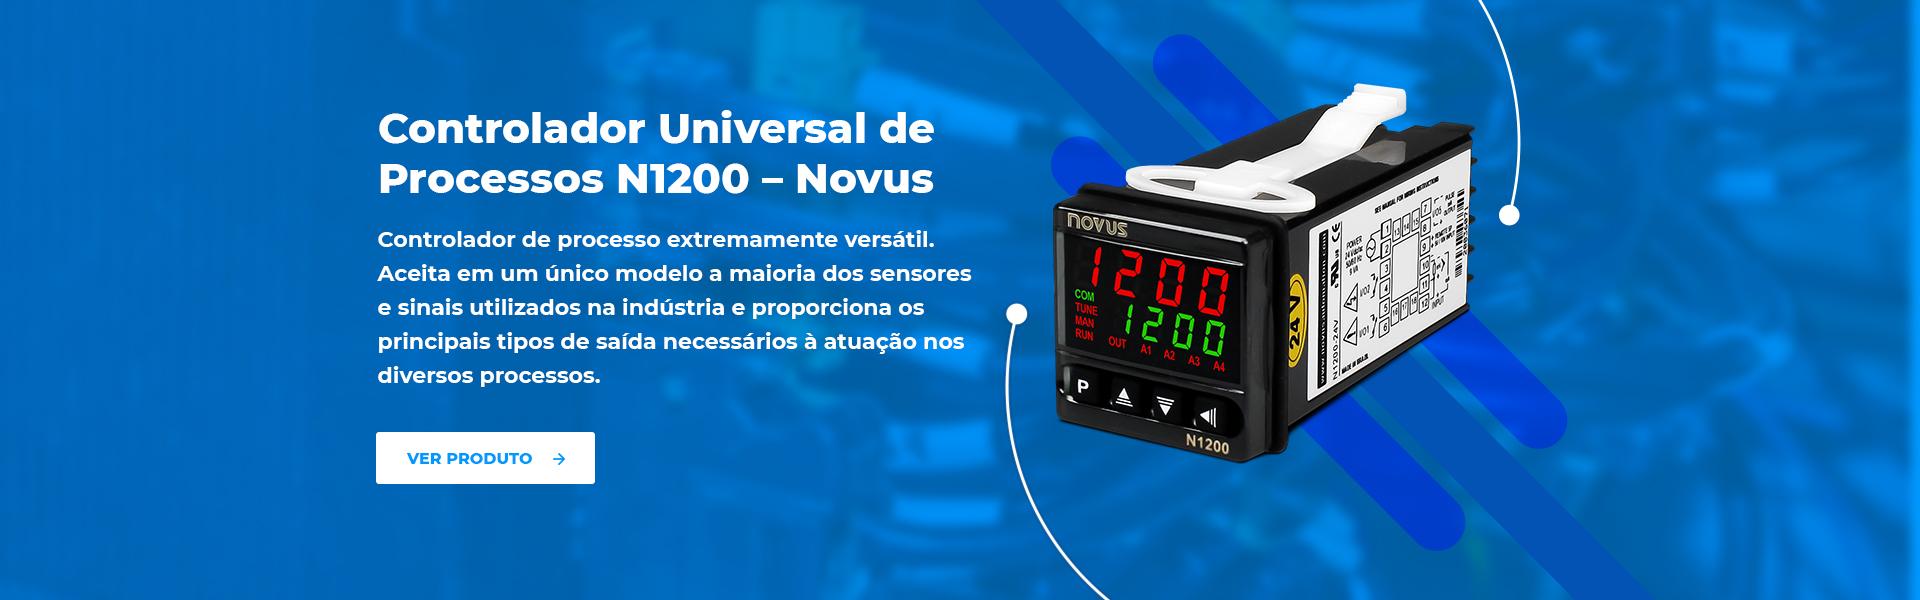 Imagem do slide Controlador Universal de Processos N1200 – Novus - Alexmar - Automação Industrial